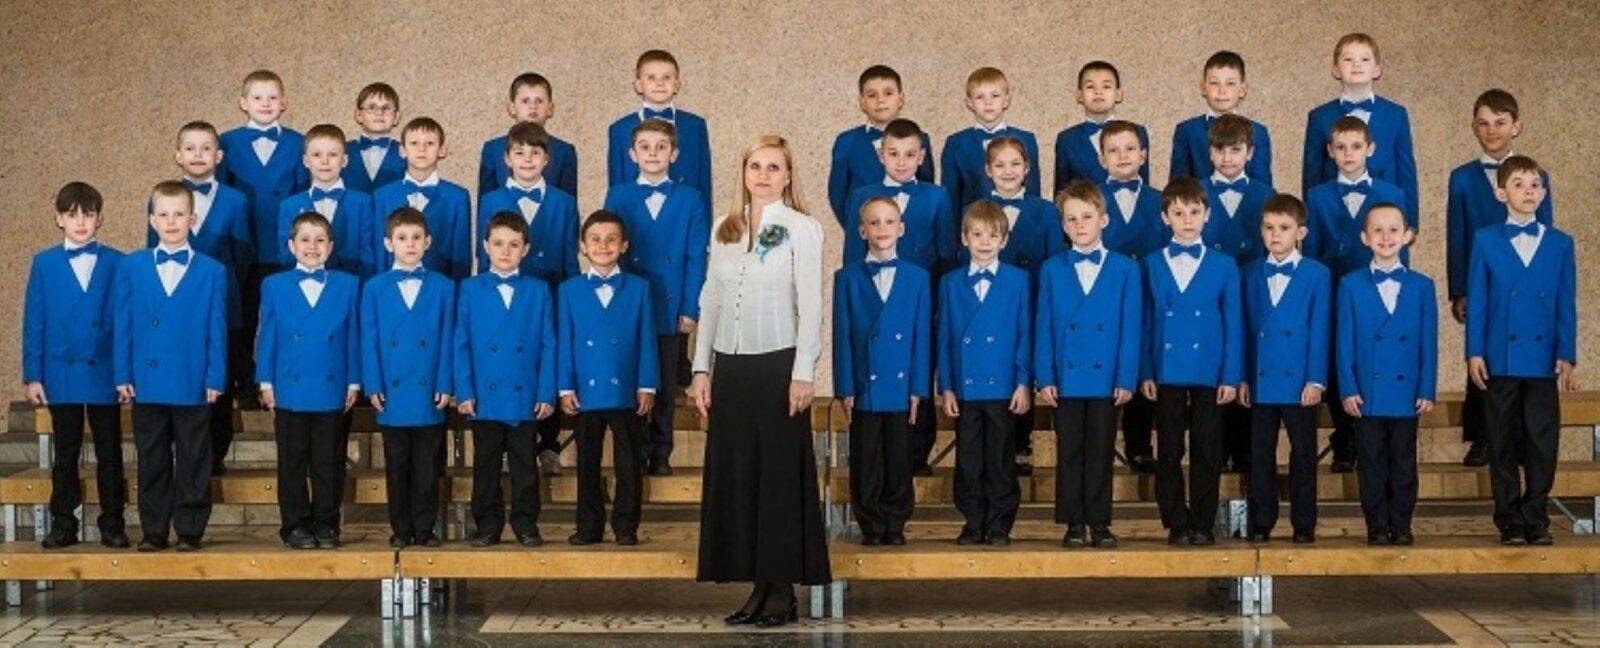 В Твери состоится концерт Хоровой школы мальчиков и юношей города Конаково